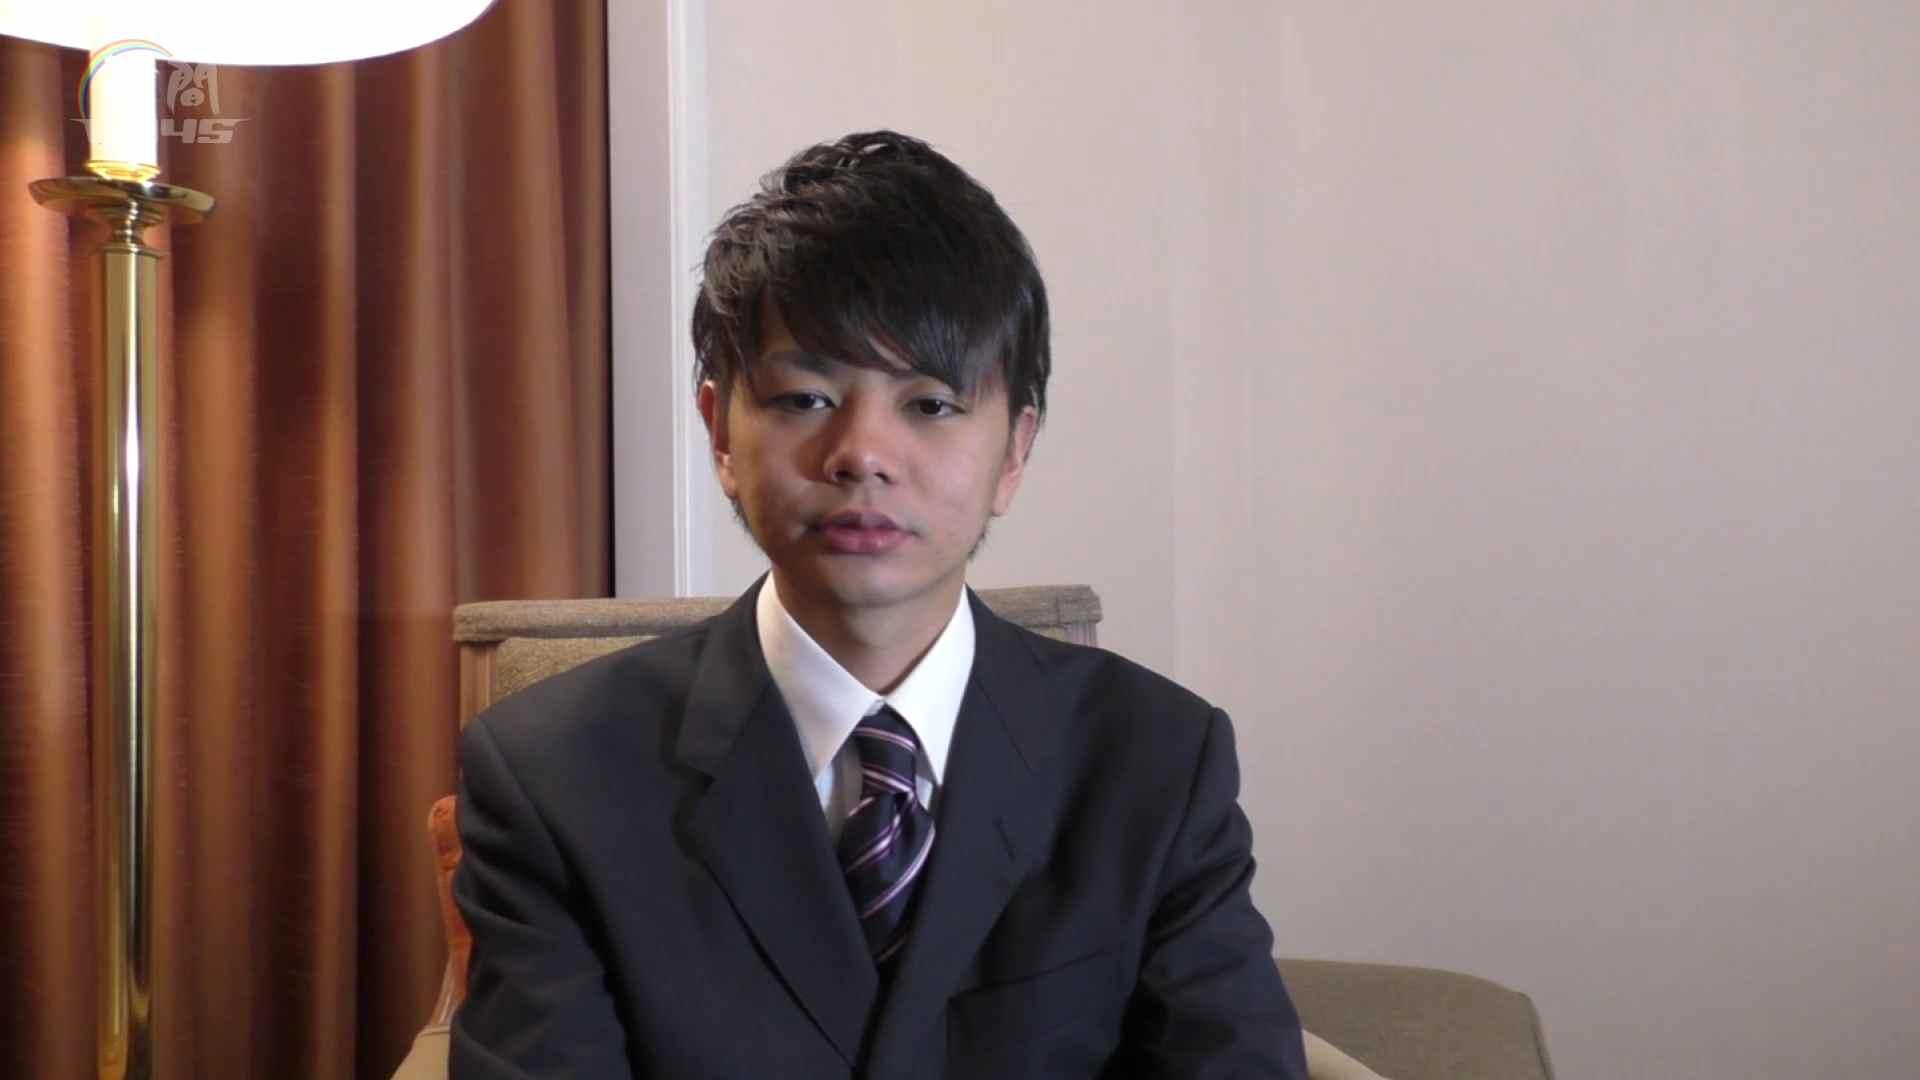 キャバクラの仕事はアナルから6  ~アナルの囁き~Vol.03 無修正 ゲイアダルトビデオ画像 65pic 3